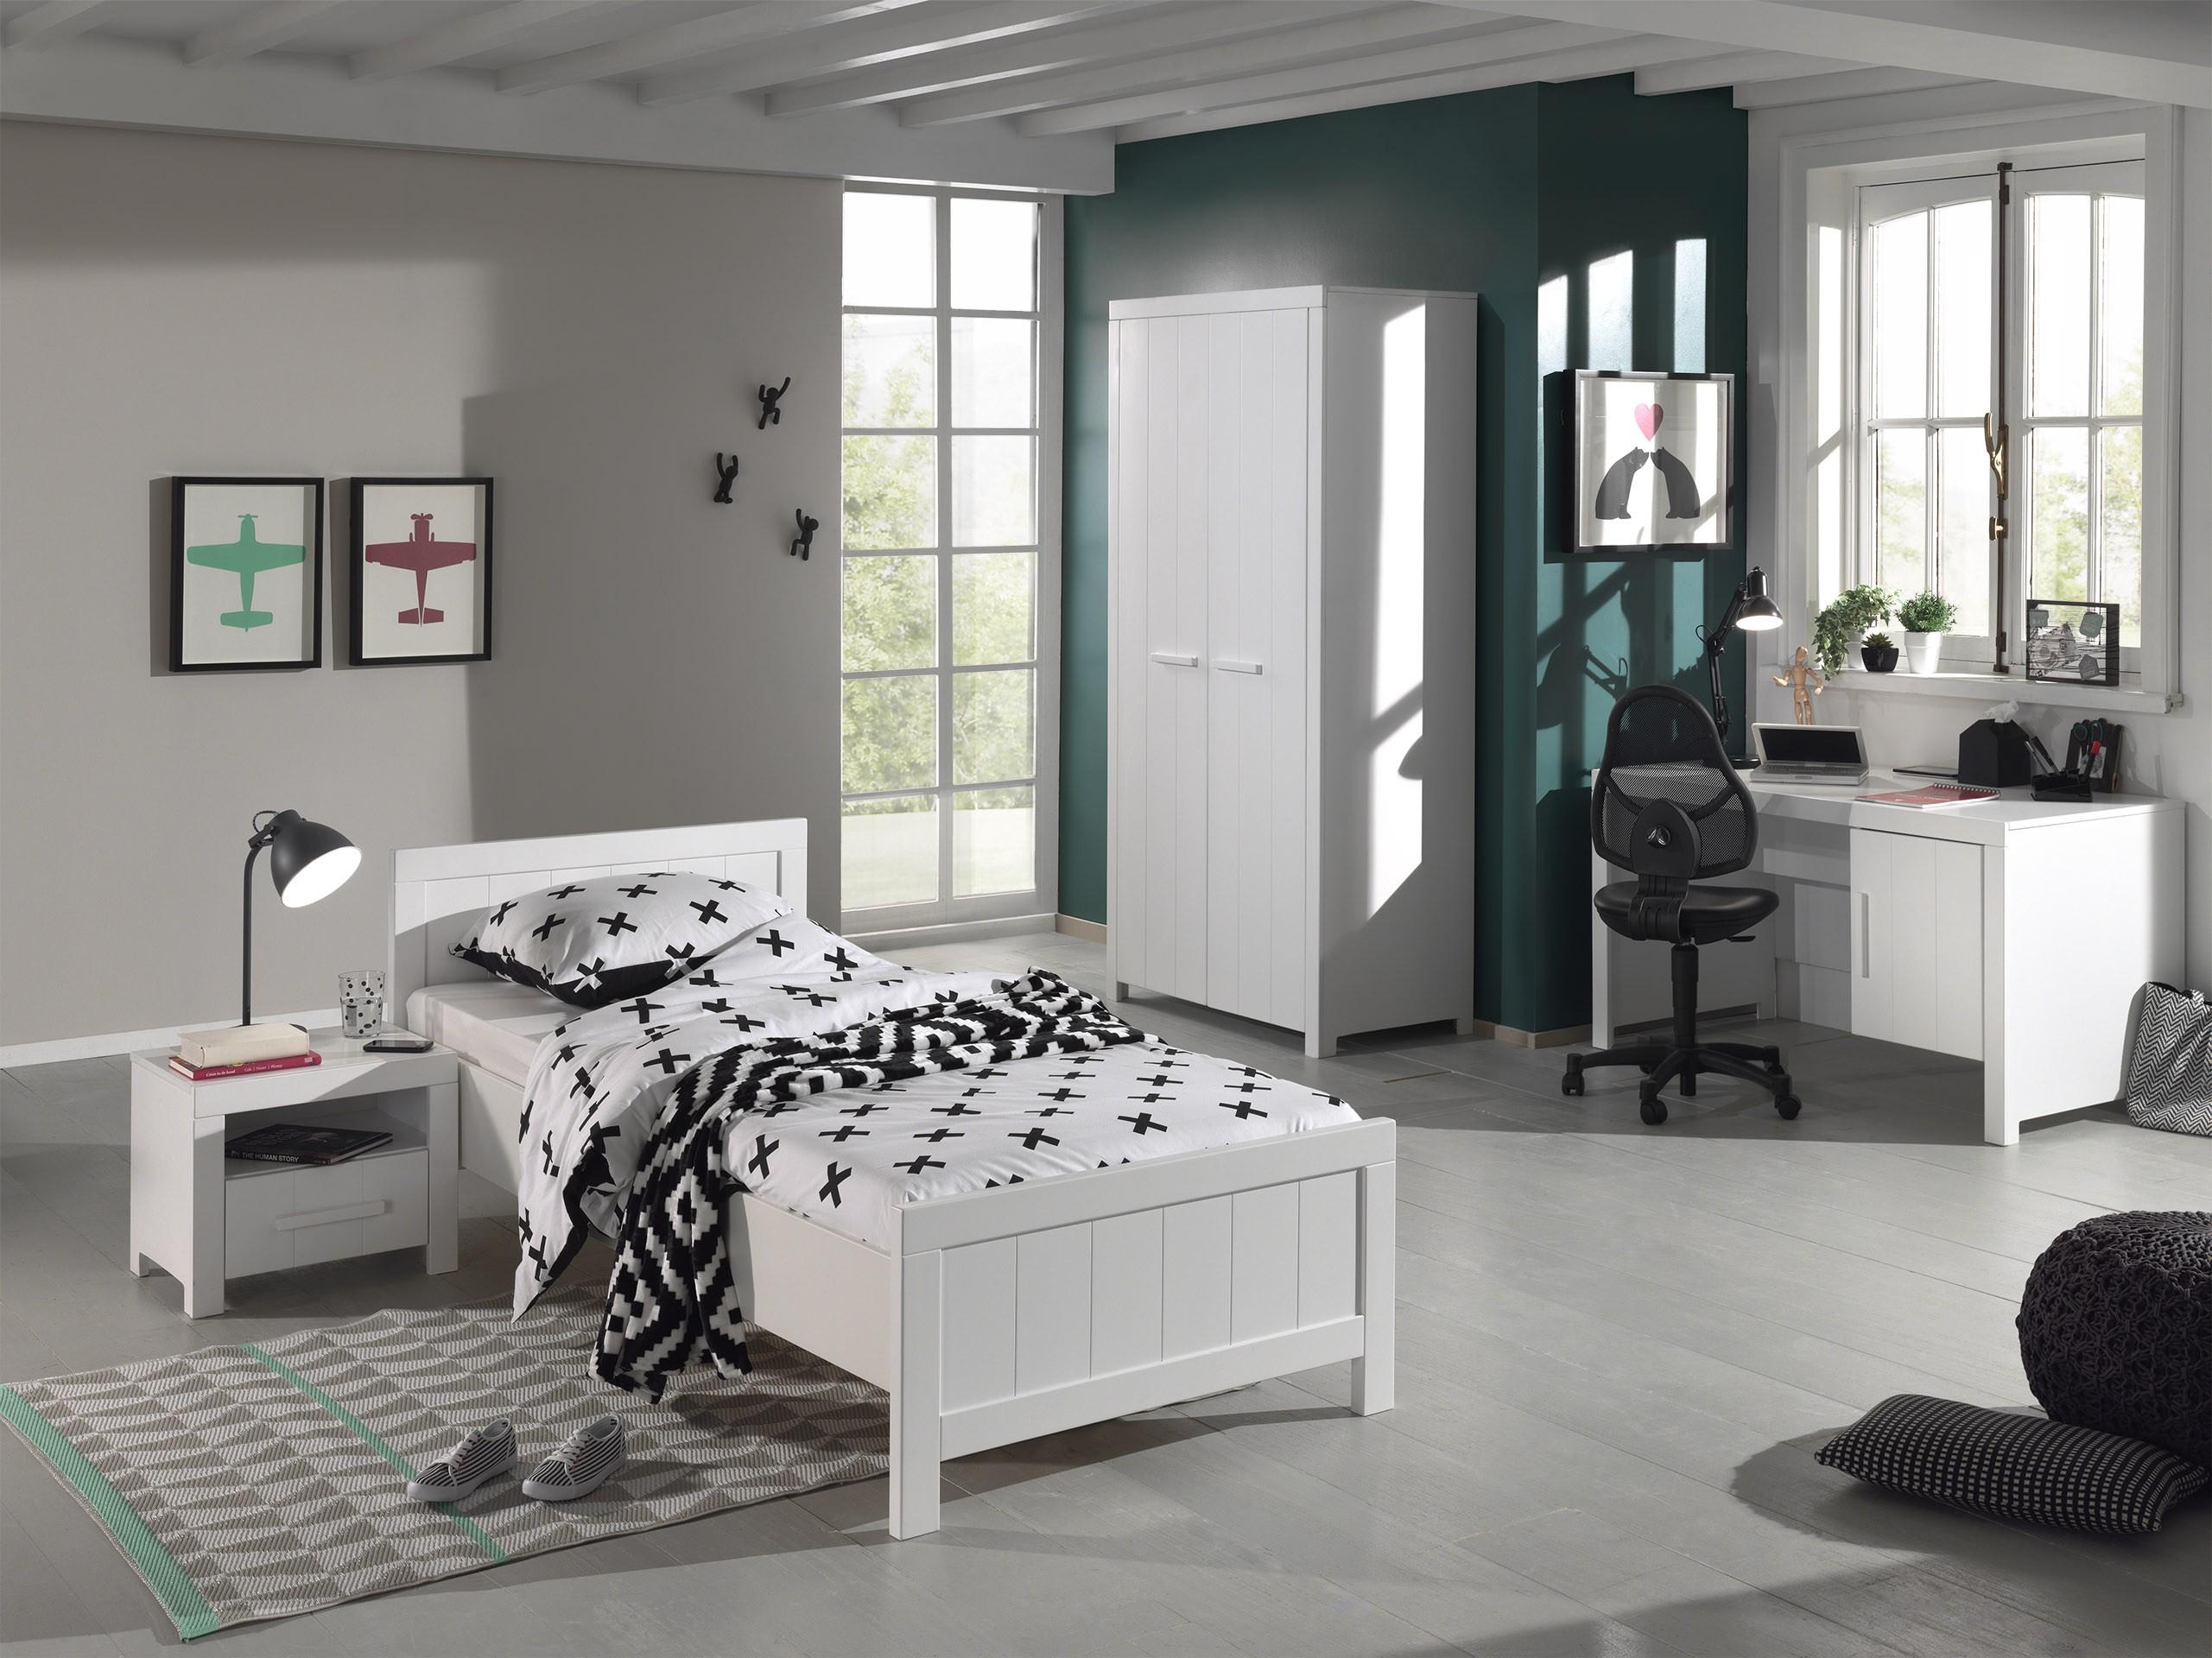 chambre enfant 4 pi ces pin massif laqu blanc linea. Black Bedroom Furniture Sets. Home Design Ideas